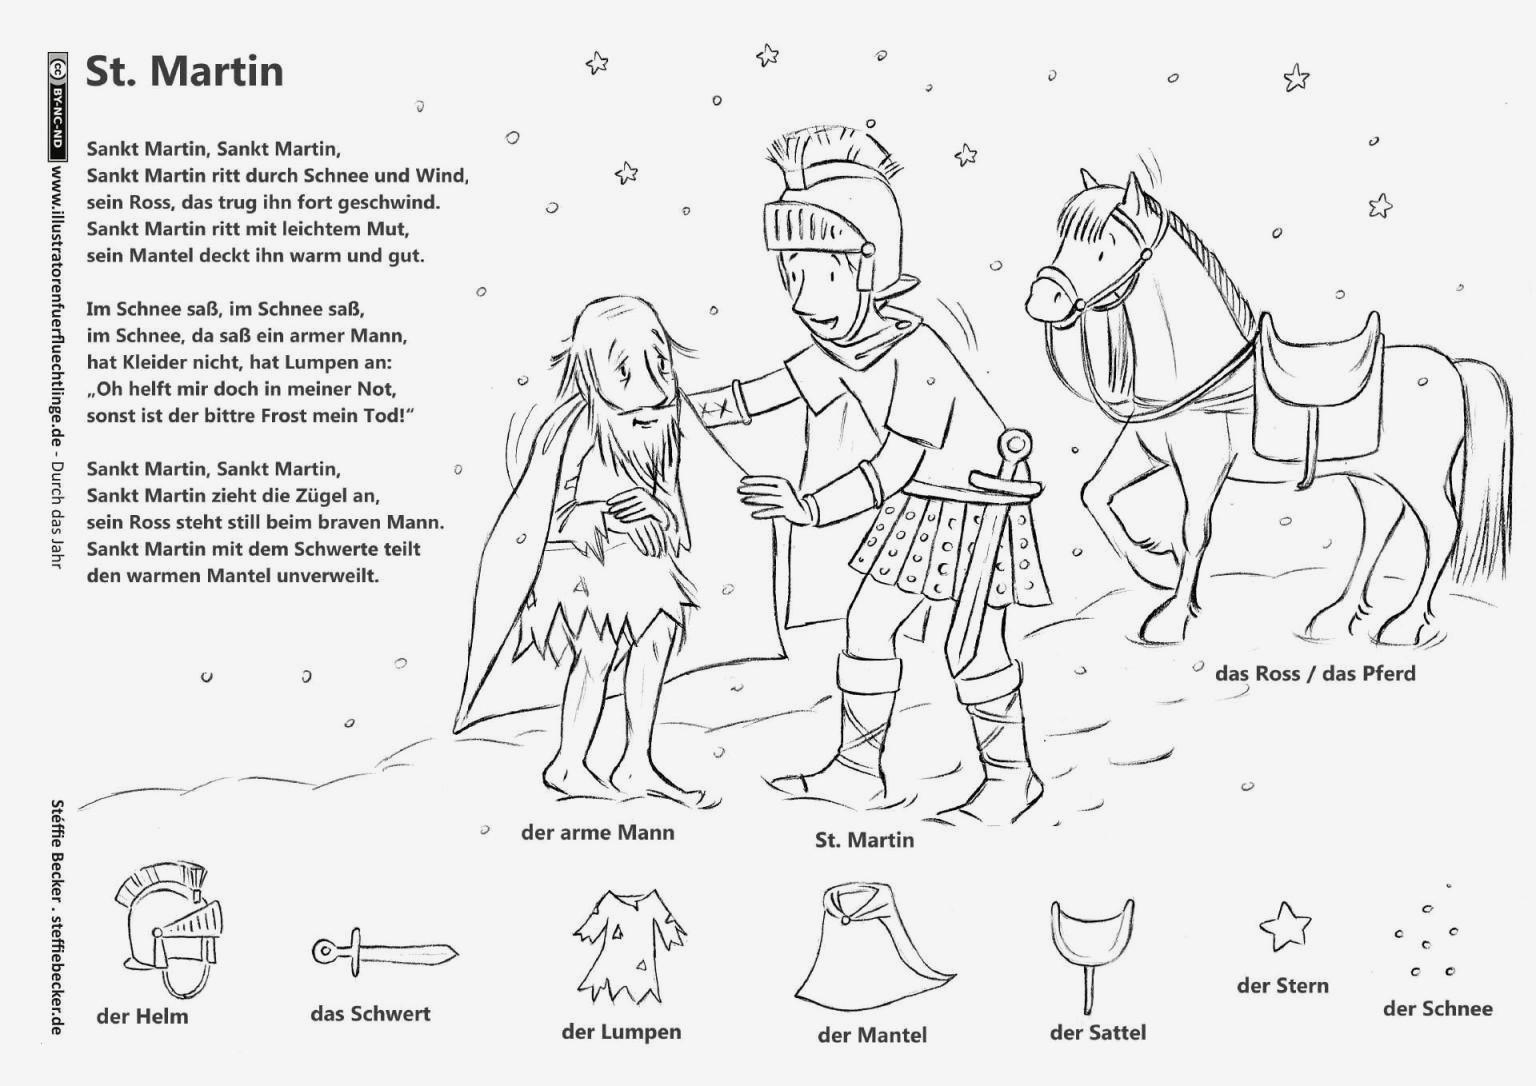 Einhorn Bilder Zum Ausdrucken Kostenlos Neu Einhorn Malvorlage Kinder Verschiedene Bilder Färben Bayern Fotografieren